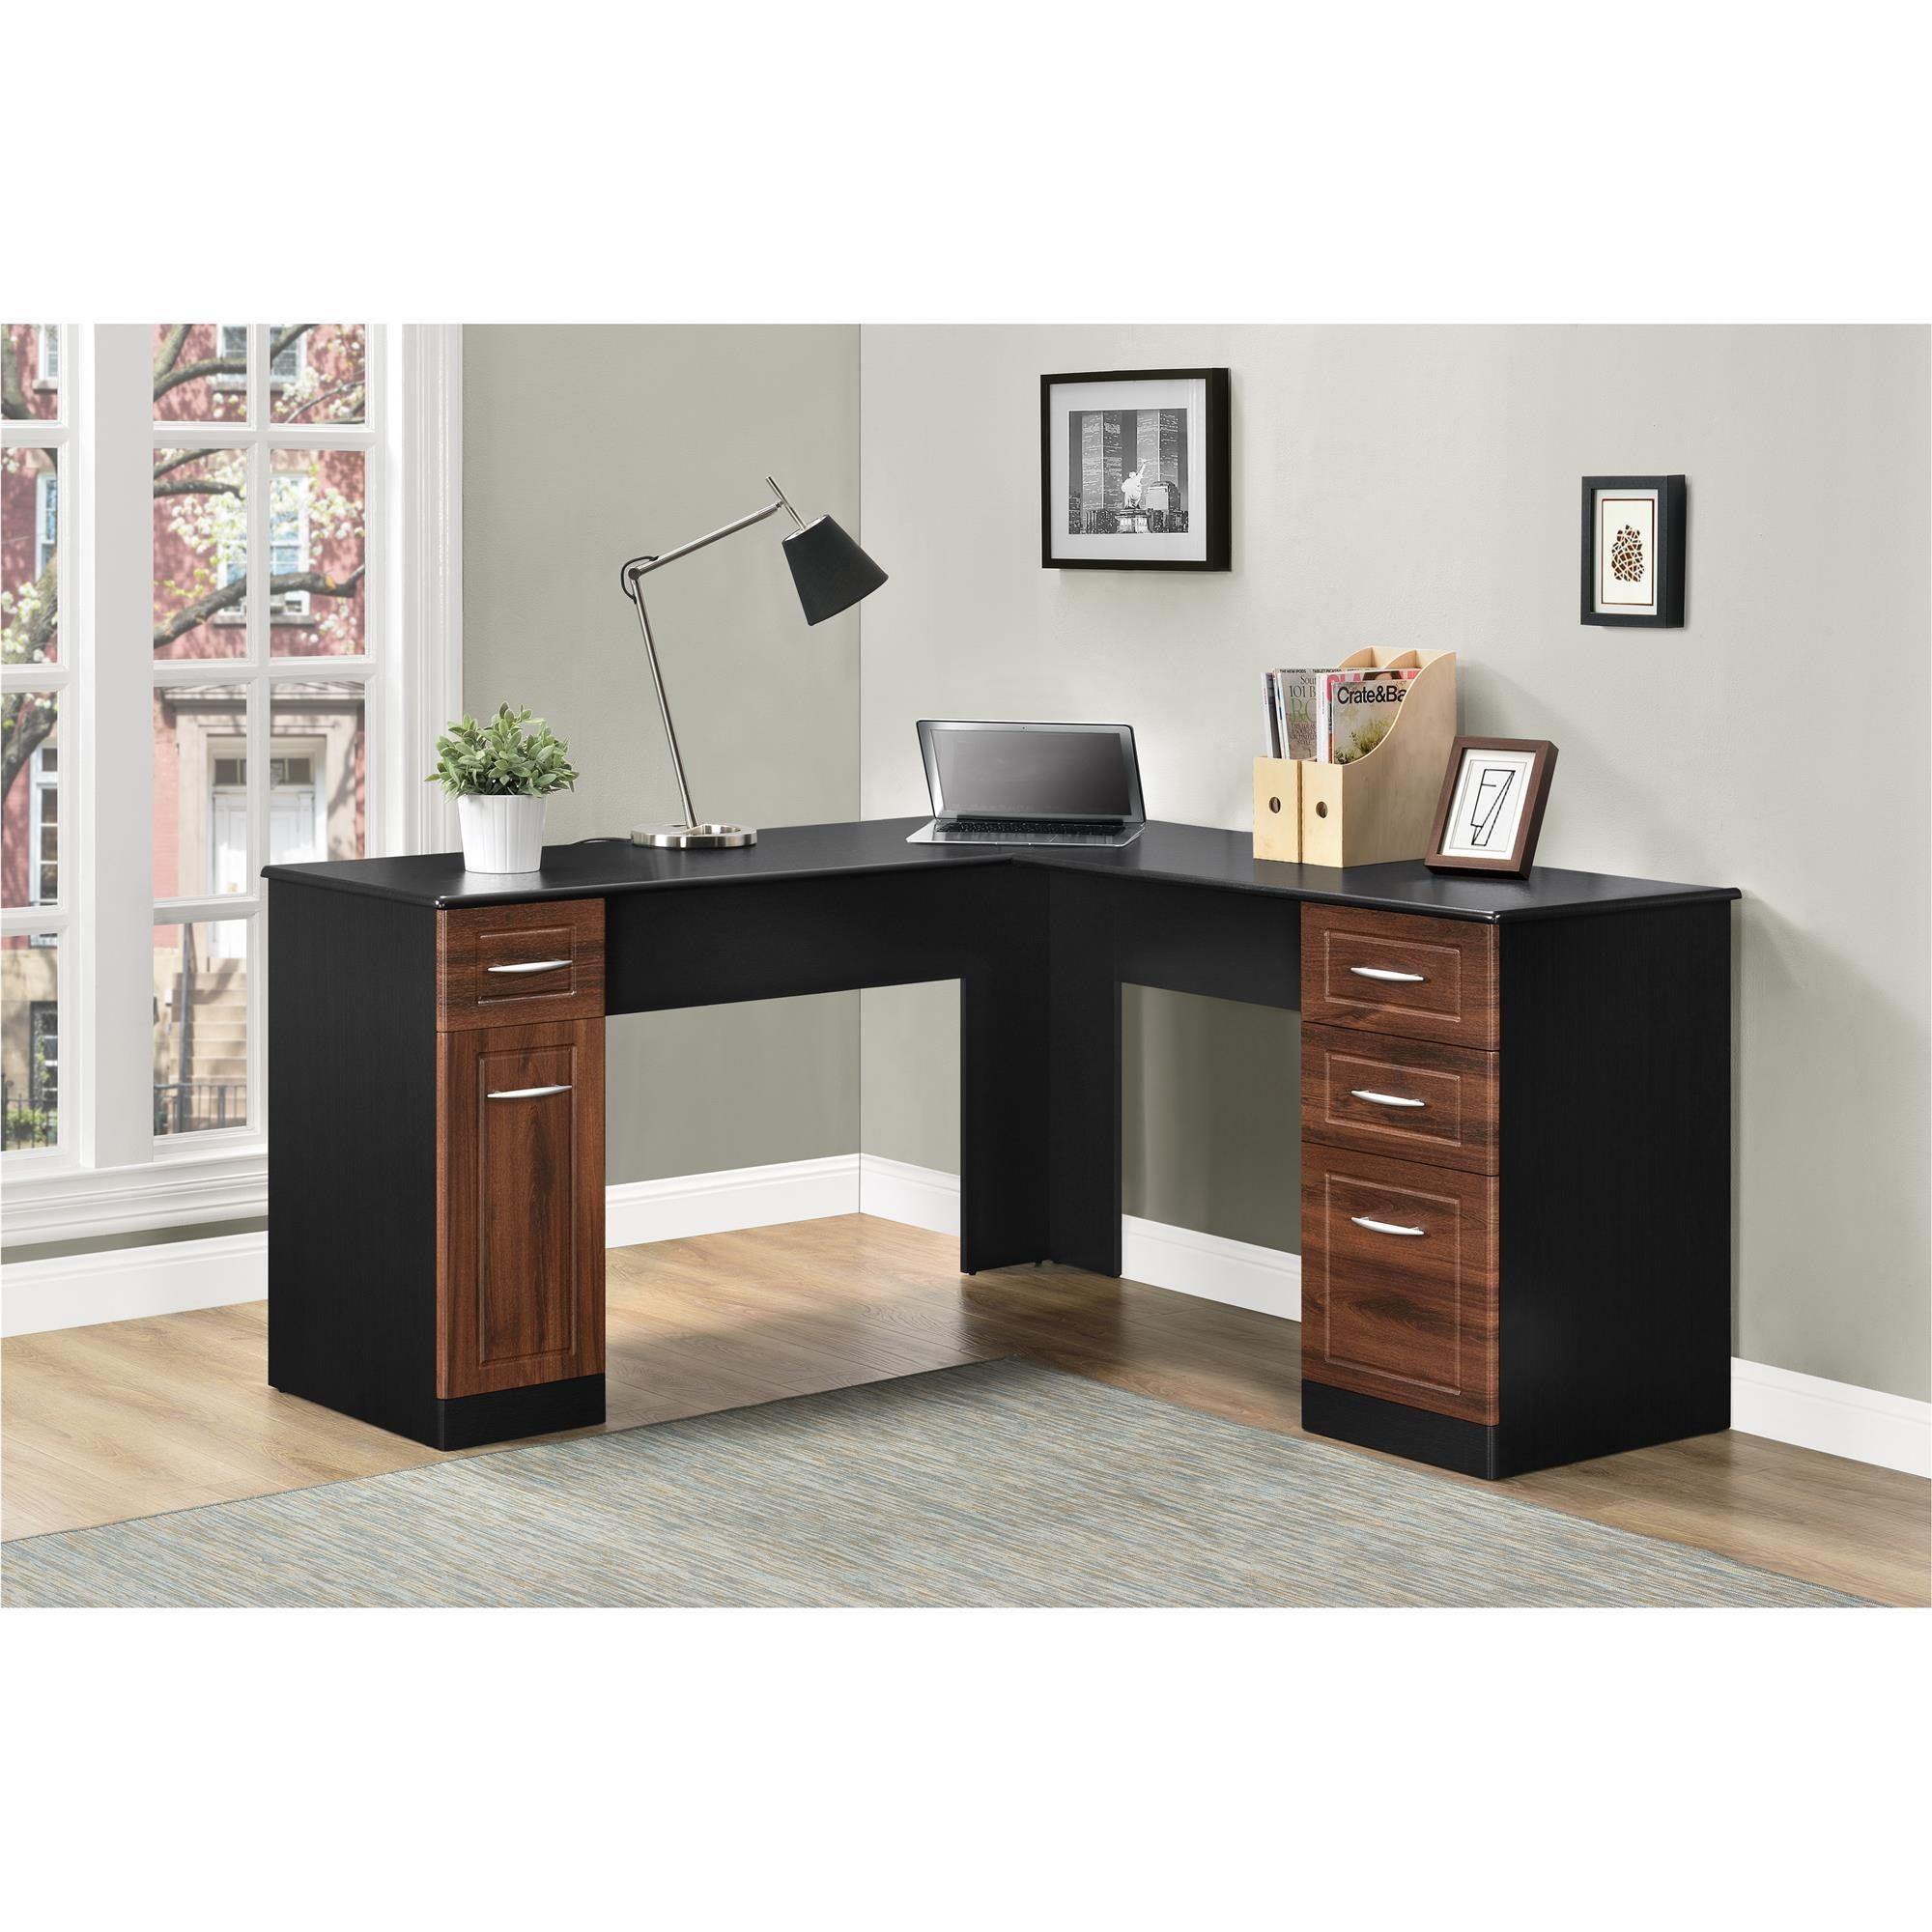 cherry custom home office desk intended 99 black and cherry desk custom home office furniture check more at http